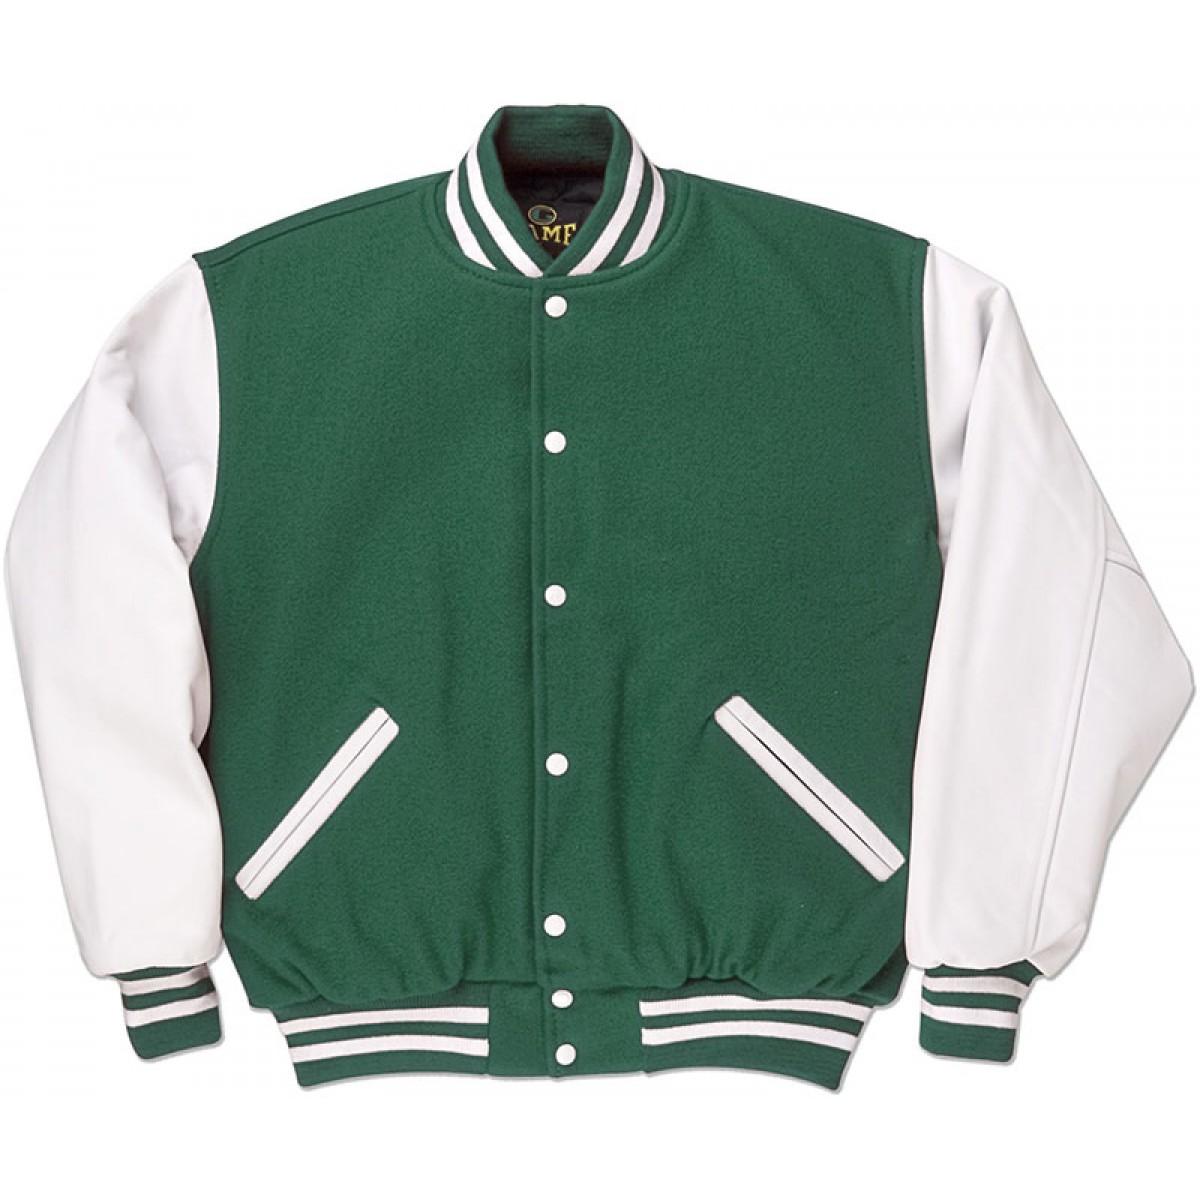 Green & White Standard Letterman Jacket - Standard Jackets ...